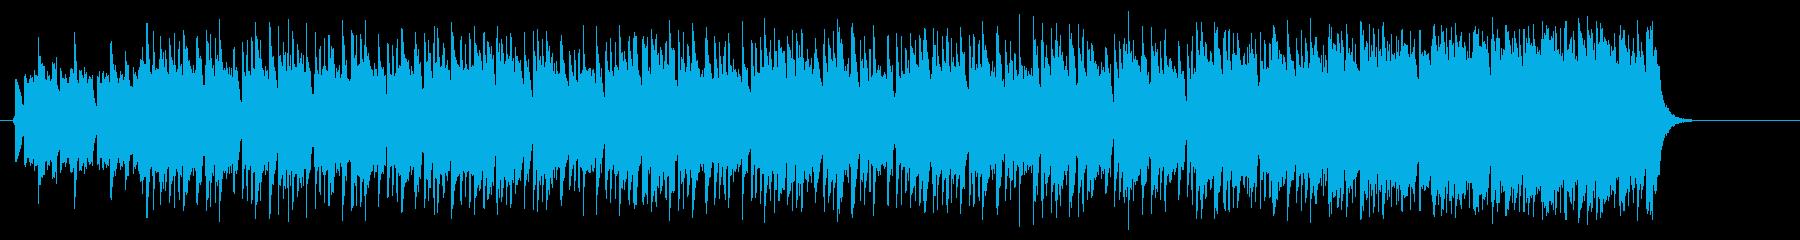 スパニッシュギターのマイナー風ポップの再生済みの波形